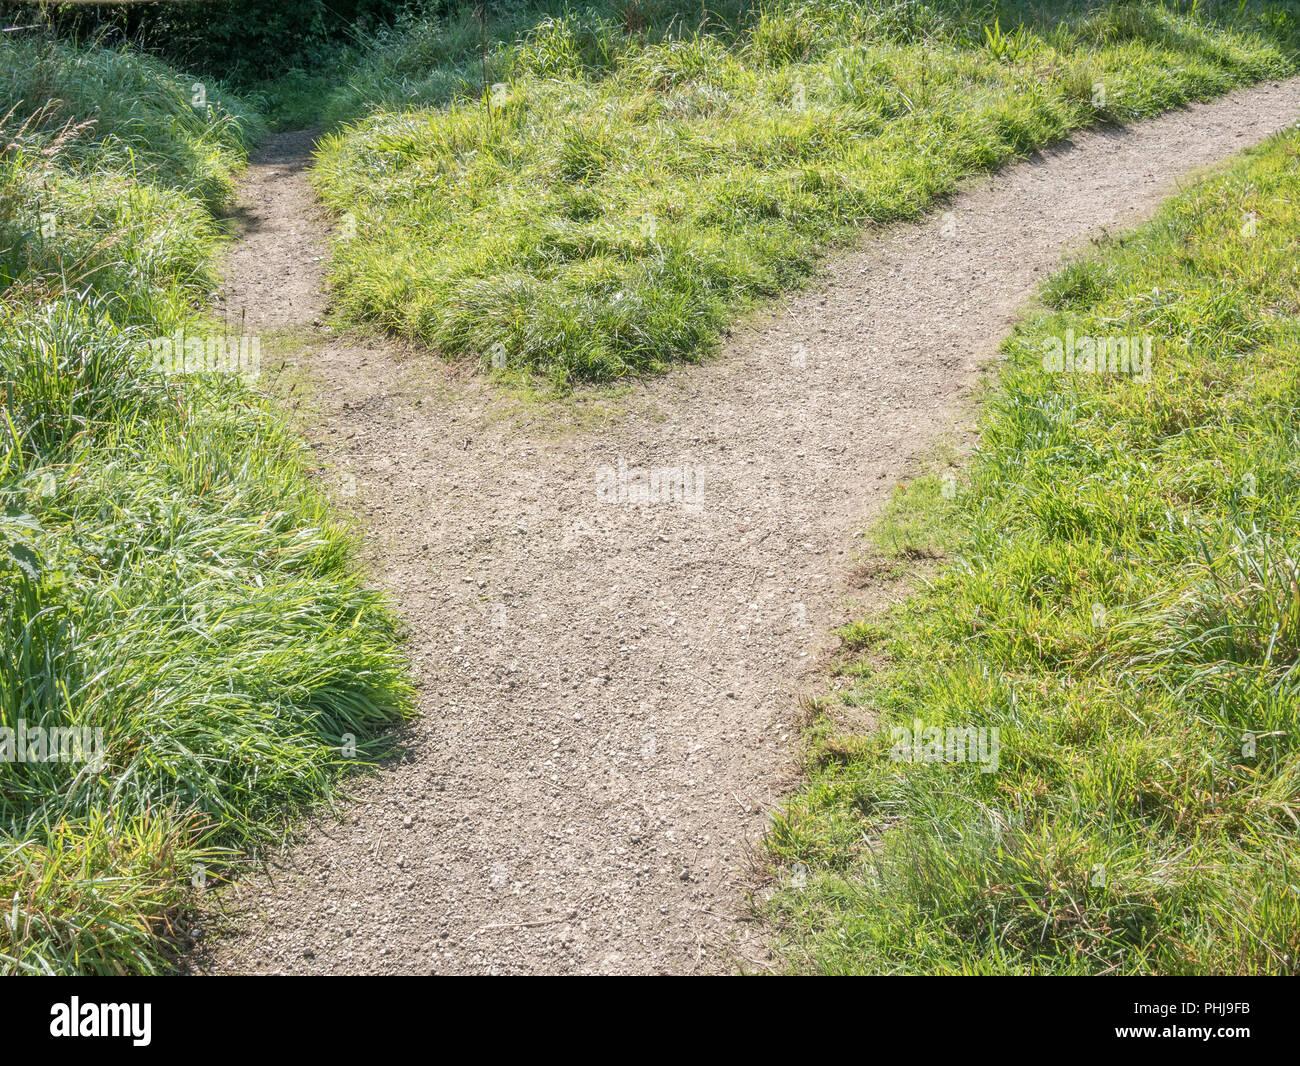 Petit sentier de ramification - métaphore pour le changement de direction, les différentes passerelles, d'itinéraire, des changements de carrière, d'une répartition, va séparer. Photo Stock